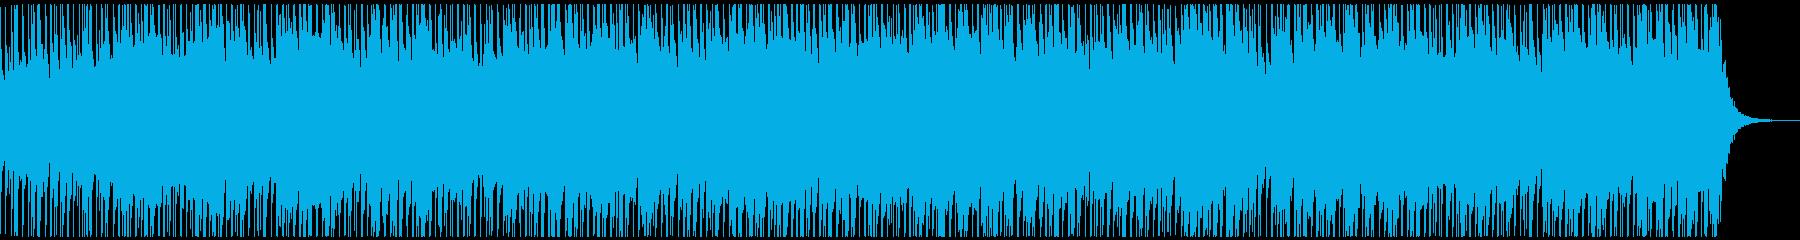 キャッチーで明るいウクレレポップの再生済みの波形